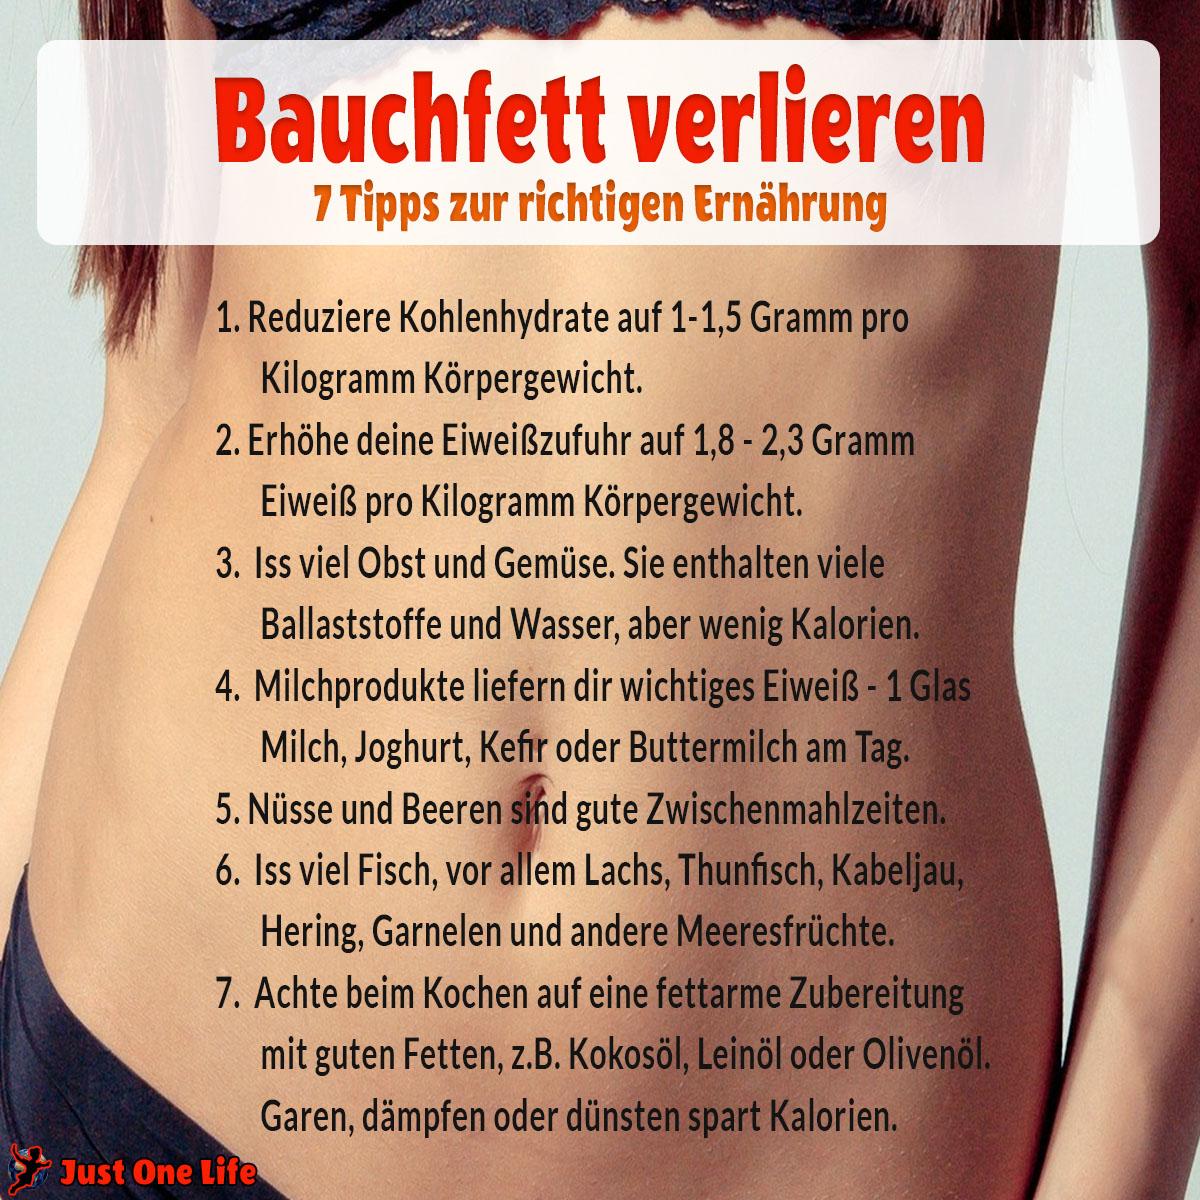 Bauchfett verlieren - 10 Tipps